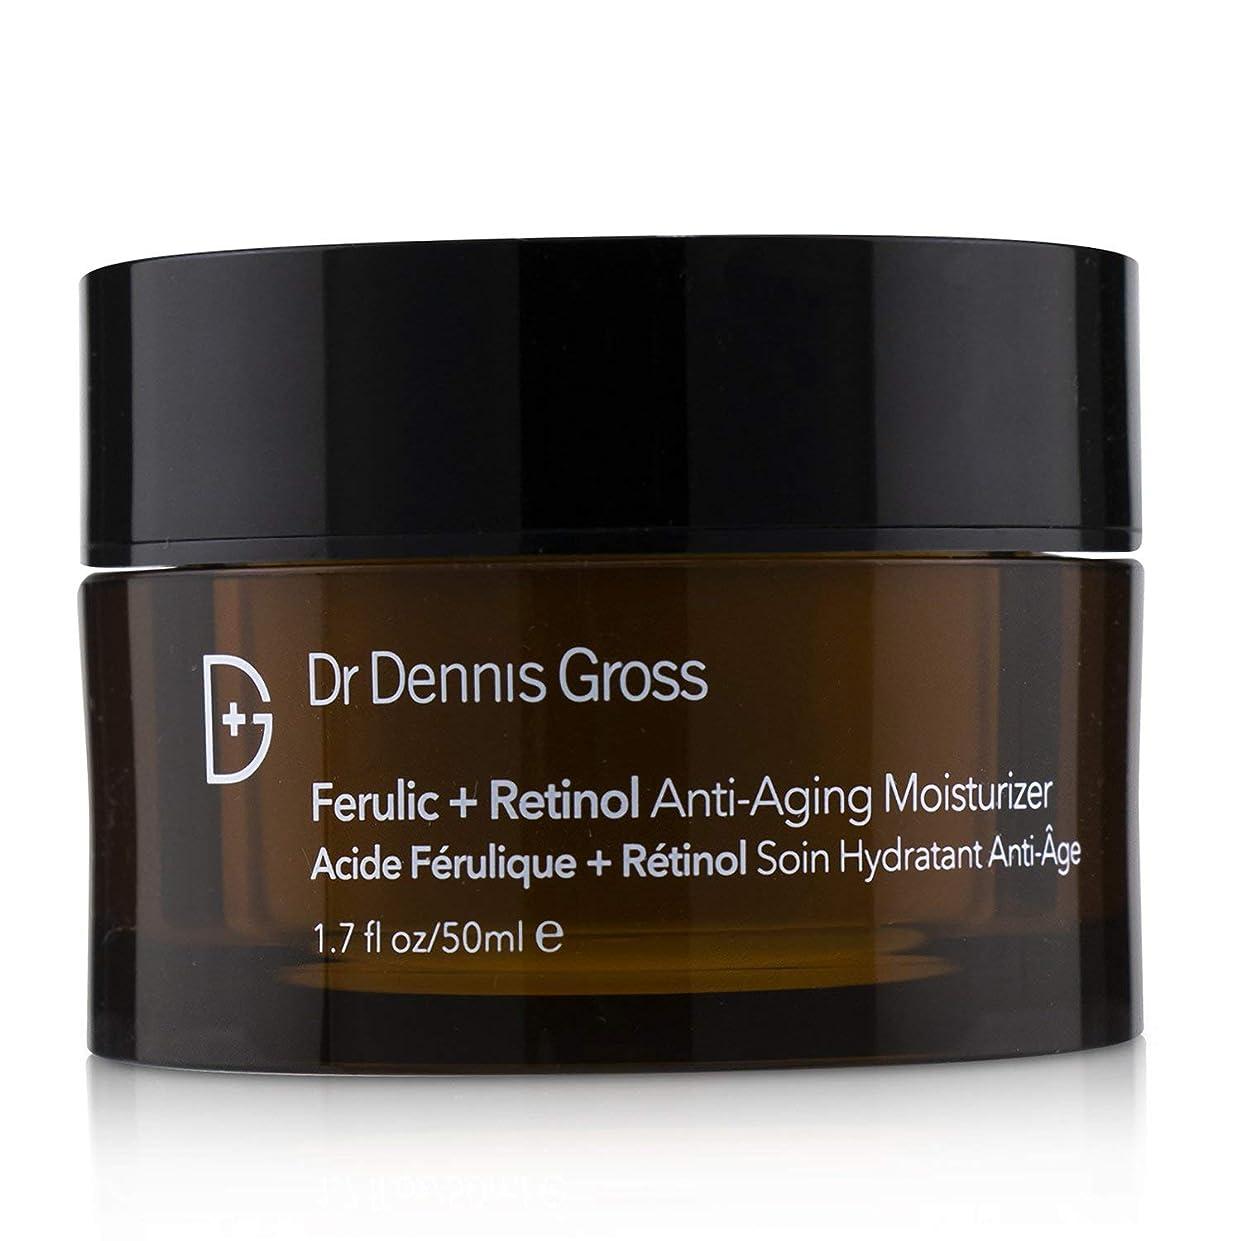 高潔なビリーかすれたドクターデニスグロス Ferulic + Retinol Anti-Aging Moisturizer - Salon Product 50ml/1.7oz並行輸入品